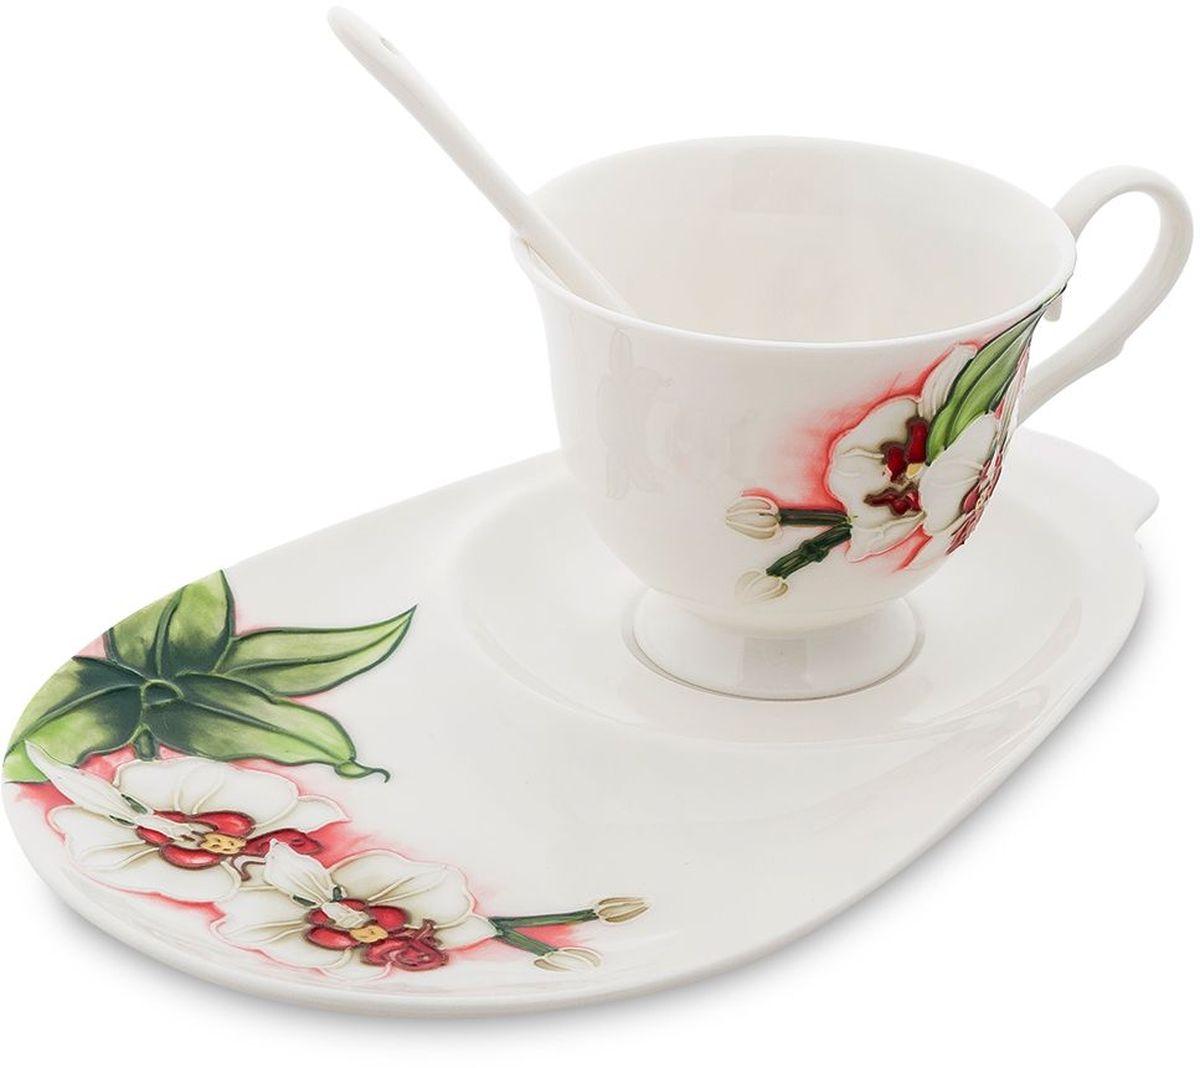 Чайная пара Pavone Королевская орхидея, 3 предмета. 45161254 009312Объем чашки: 250 мл Длина блюдца: 23 см